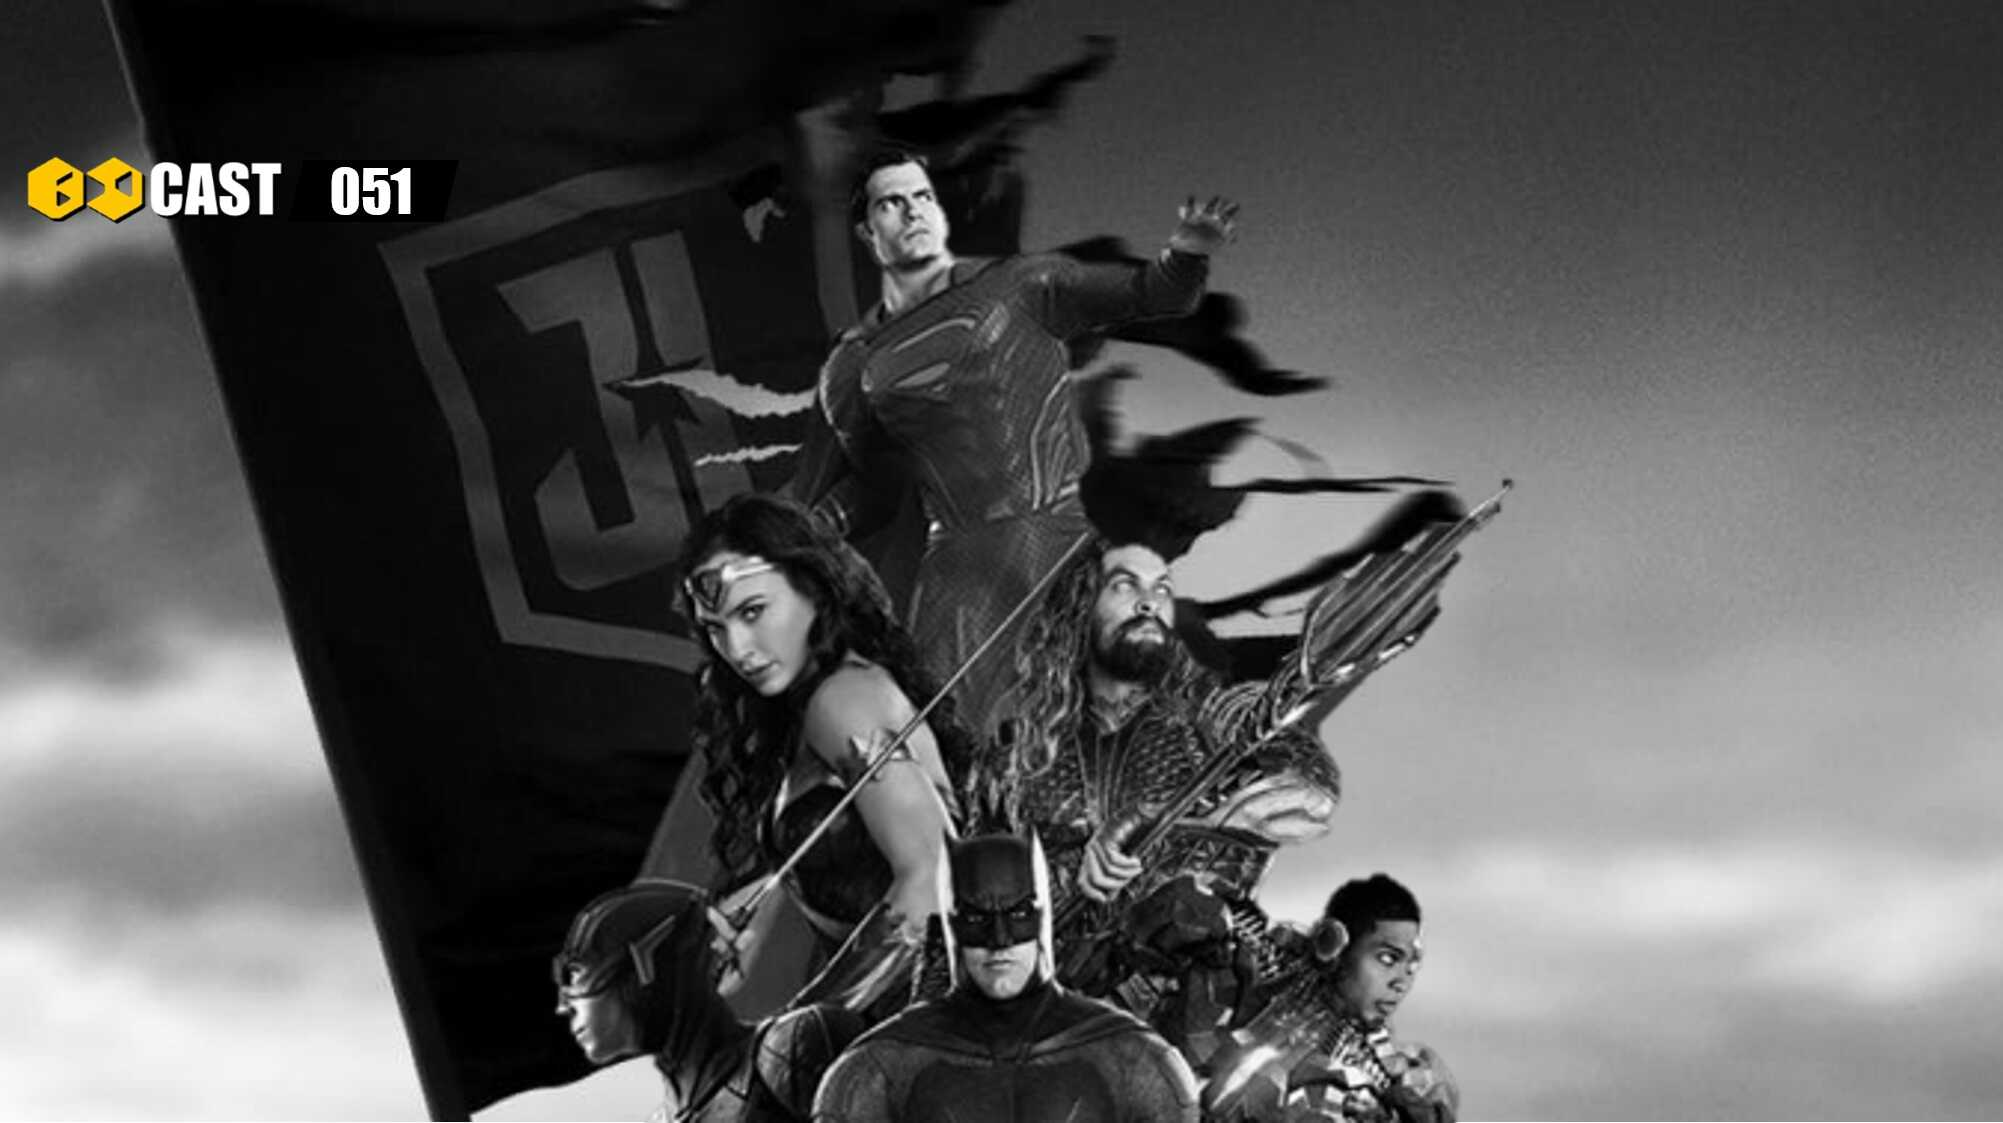 Liga da Justiça: SnyderCut